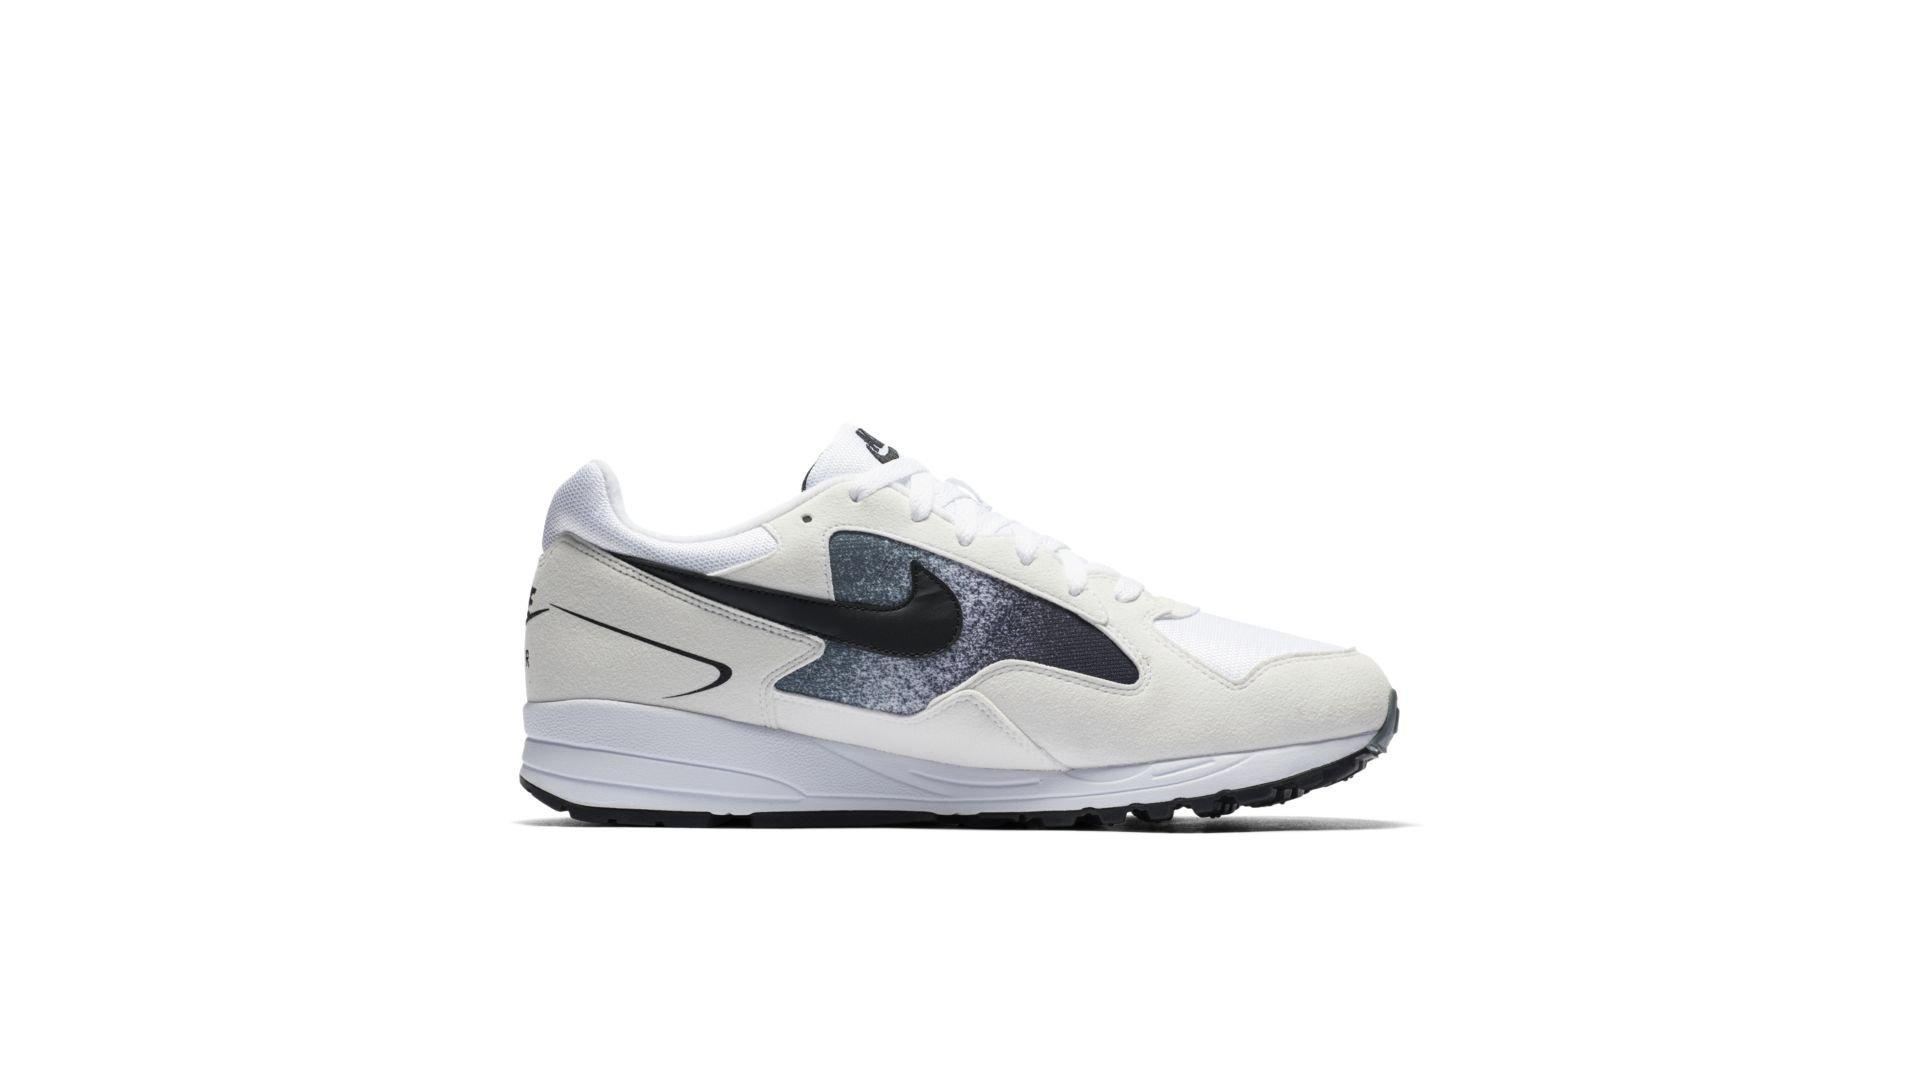 Nike Air Skylon II 'Black/White' (AO1551-101)